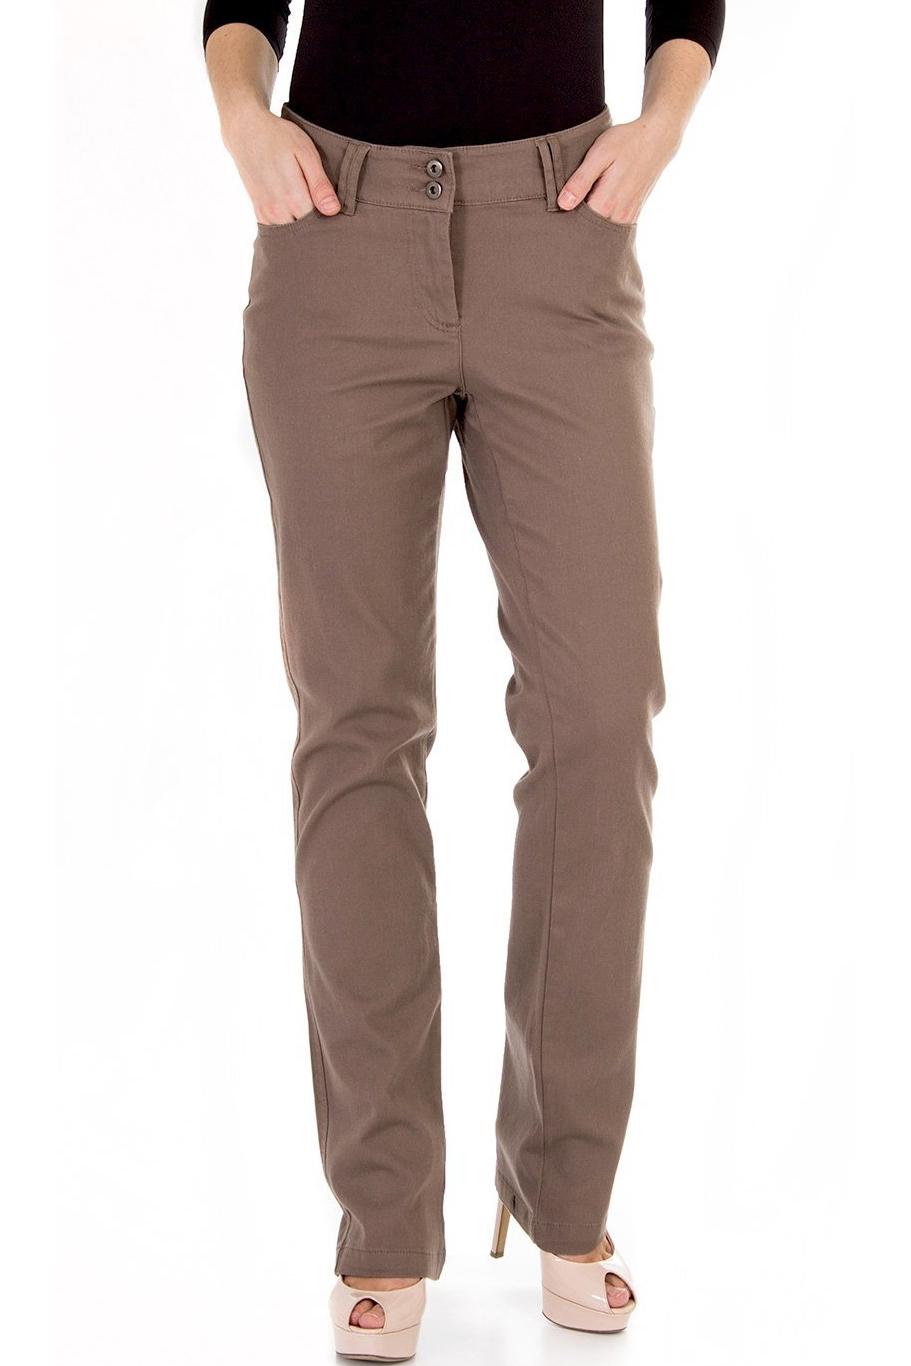 БрюкиБрюки<br>Женские брюки из плотной костюмной ткани. Отличный выбор для повседневного и делового гардероба.  Цвет: бежевый<br><br>По материалу: Тканевые,Хлопок<br>По образу: Город,Офис,Свидание<br>По рисунку: Однотонные<br>По силуэту: Полуприталенные<br>По стилю: Классический стиль,Офисный стиль,Повседневный стиль<br>По форме: Классические<br>По сезону: Осень,Весна<br>Размер : 44,46,48,52<br>Материал: Костюмная ткань<br>Количество в наличии: 15